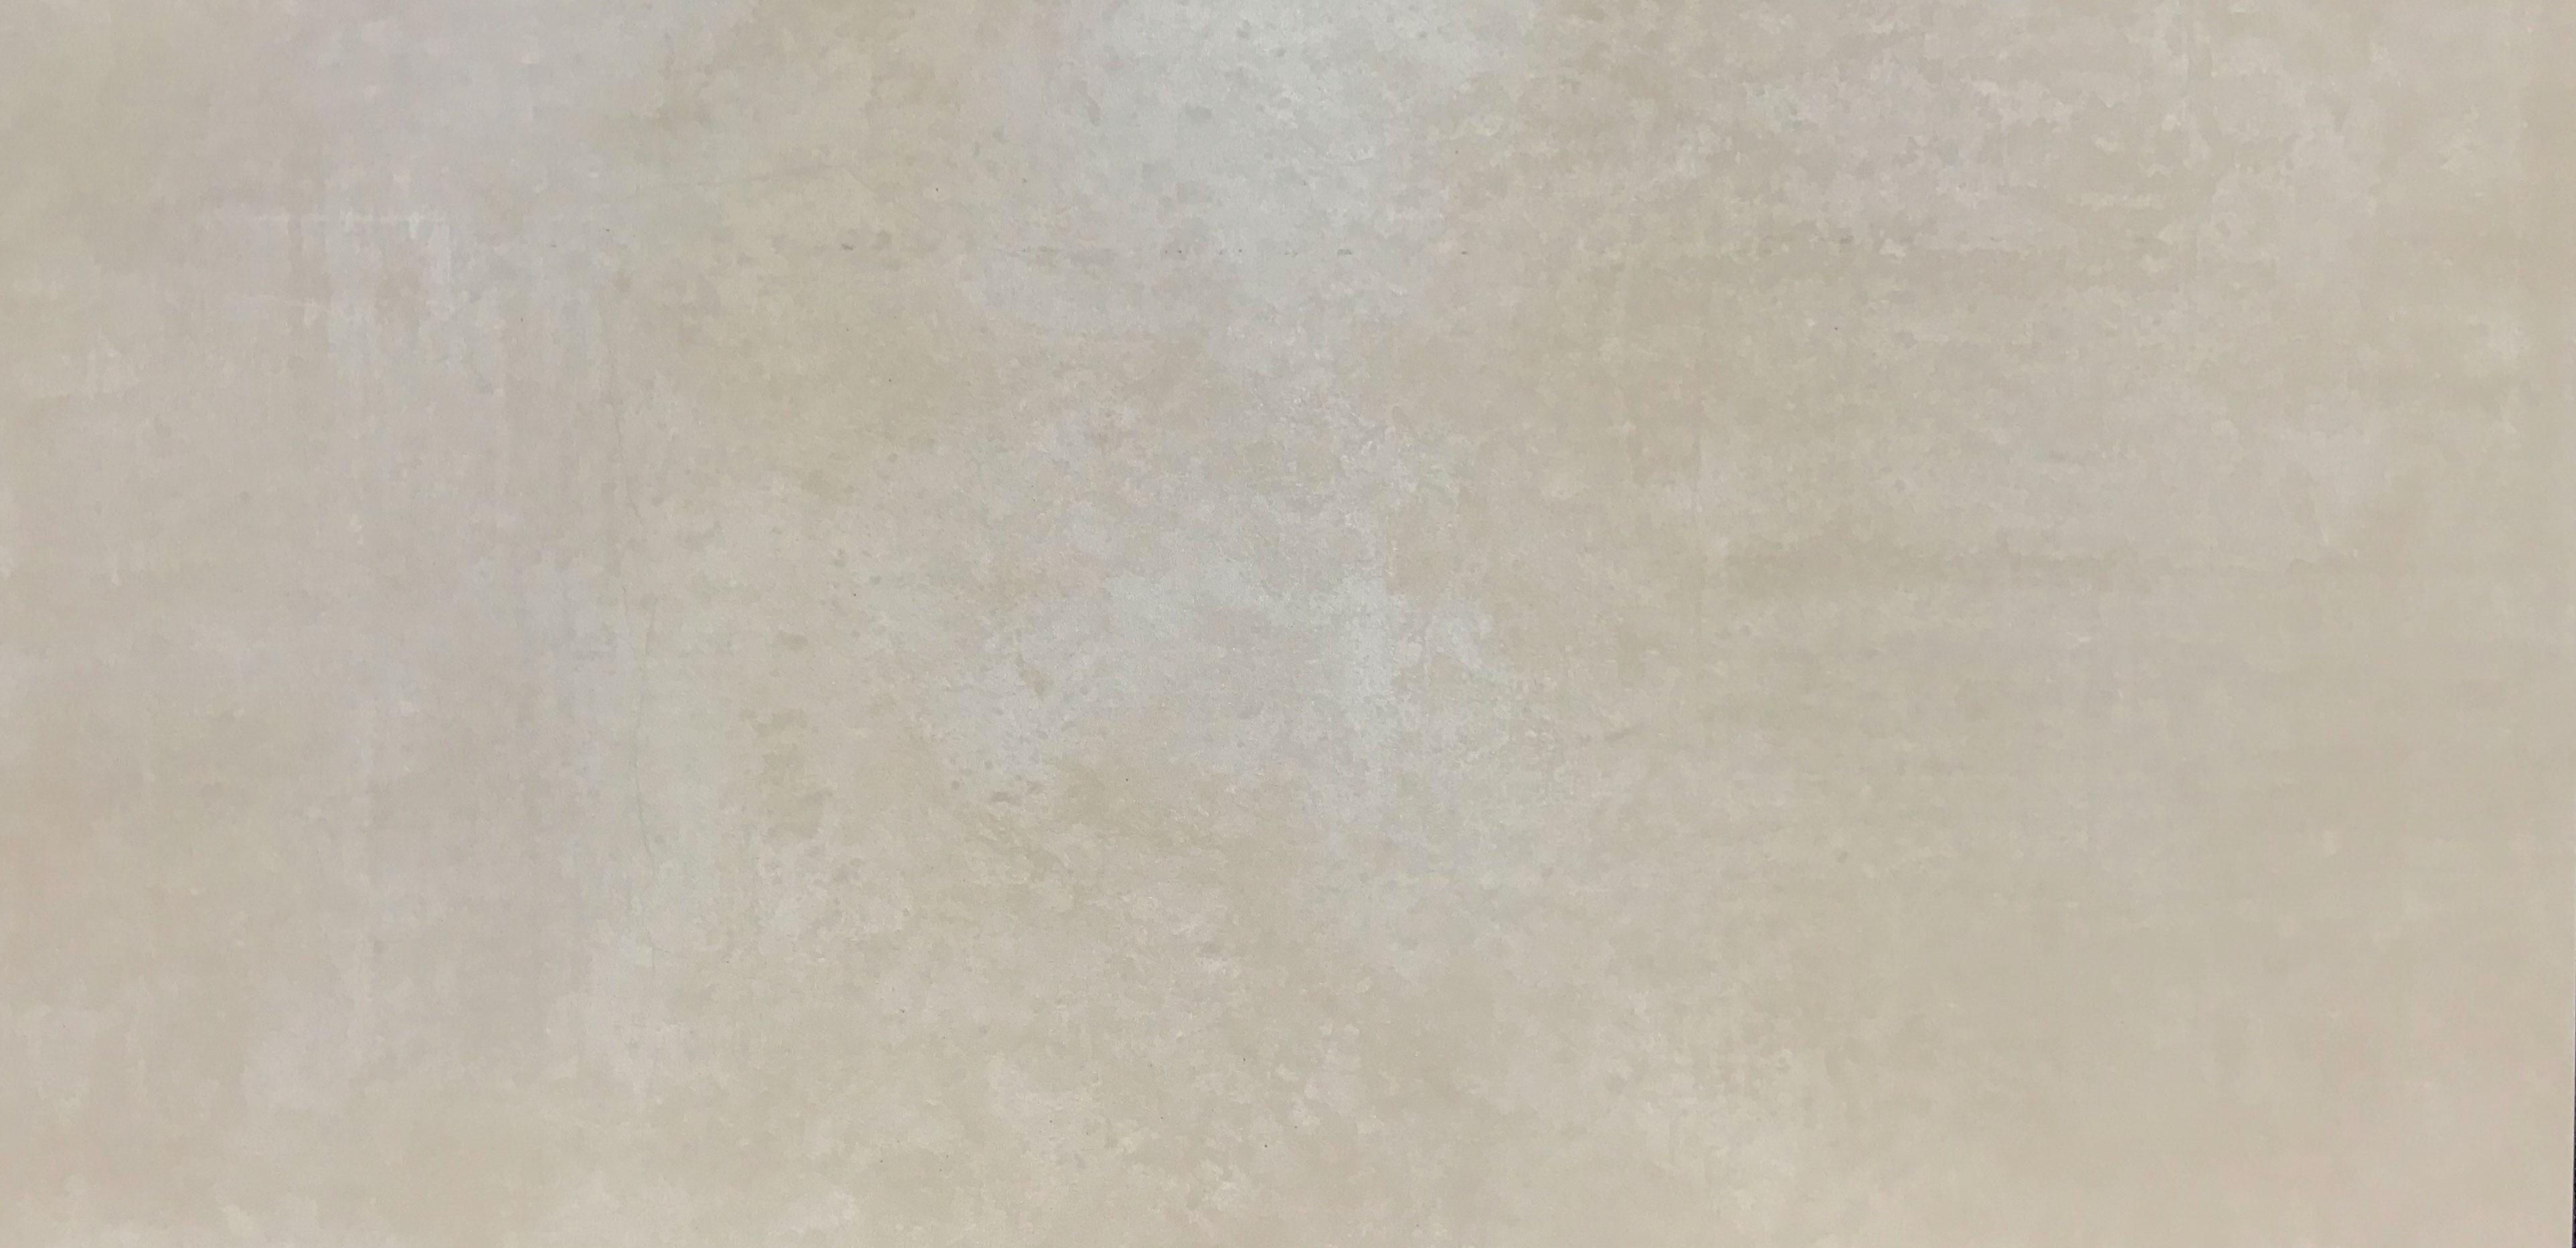 Interbau Blink Tessin matt Boden-/Wandfliese Sandbeige 35x70